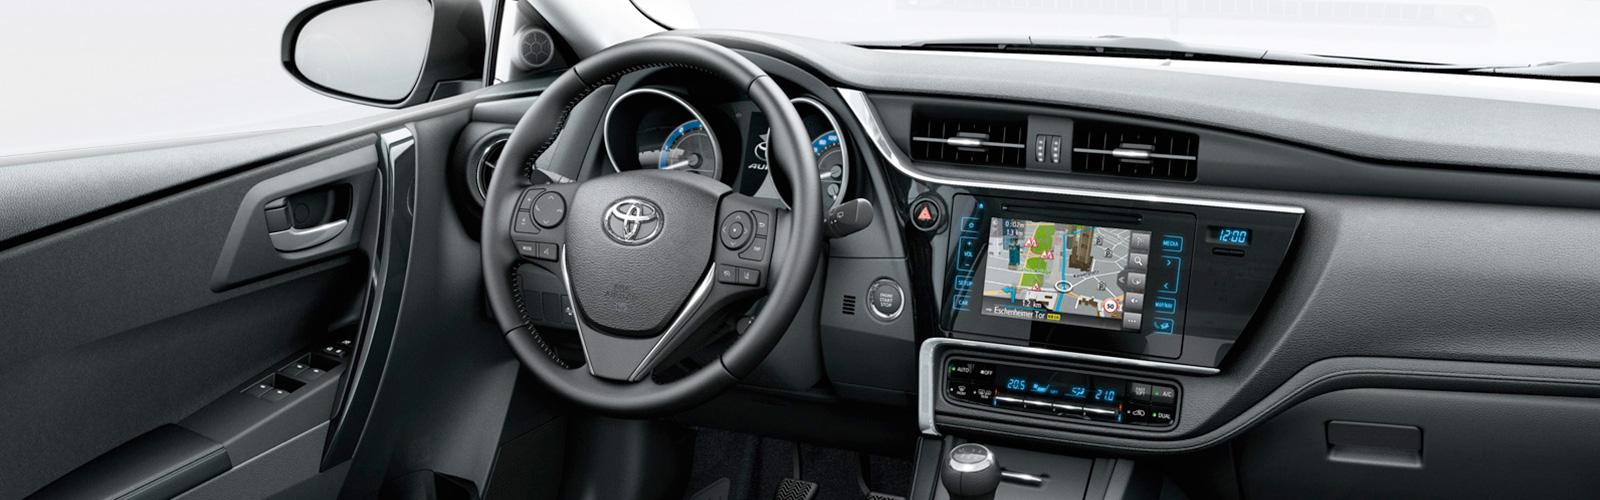 Elige el acabo que más te guste del Toyota Auris Touring Sports